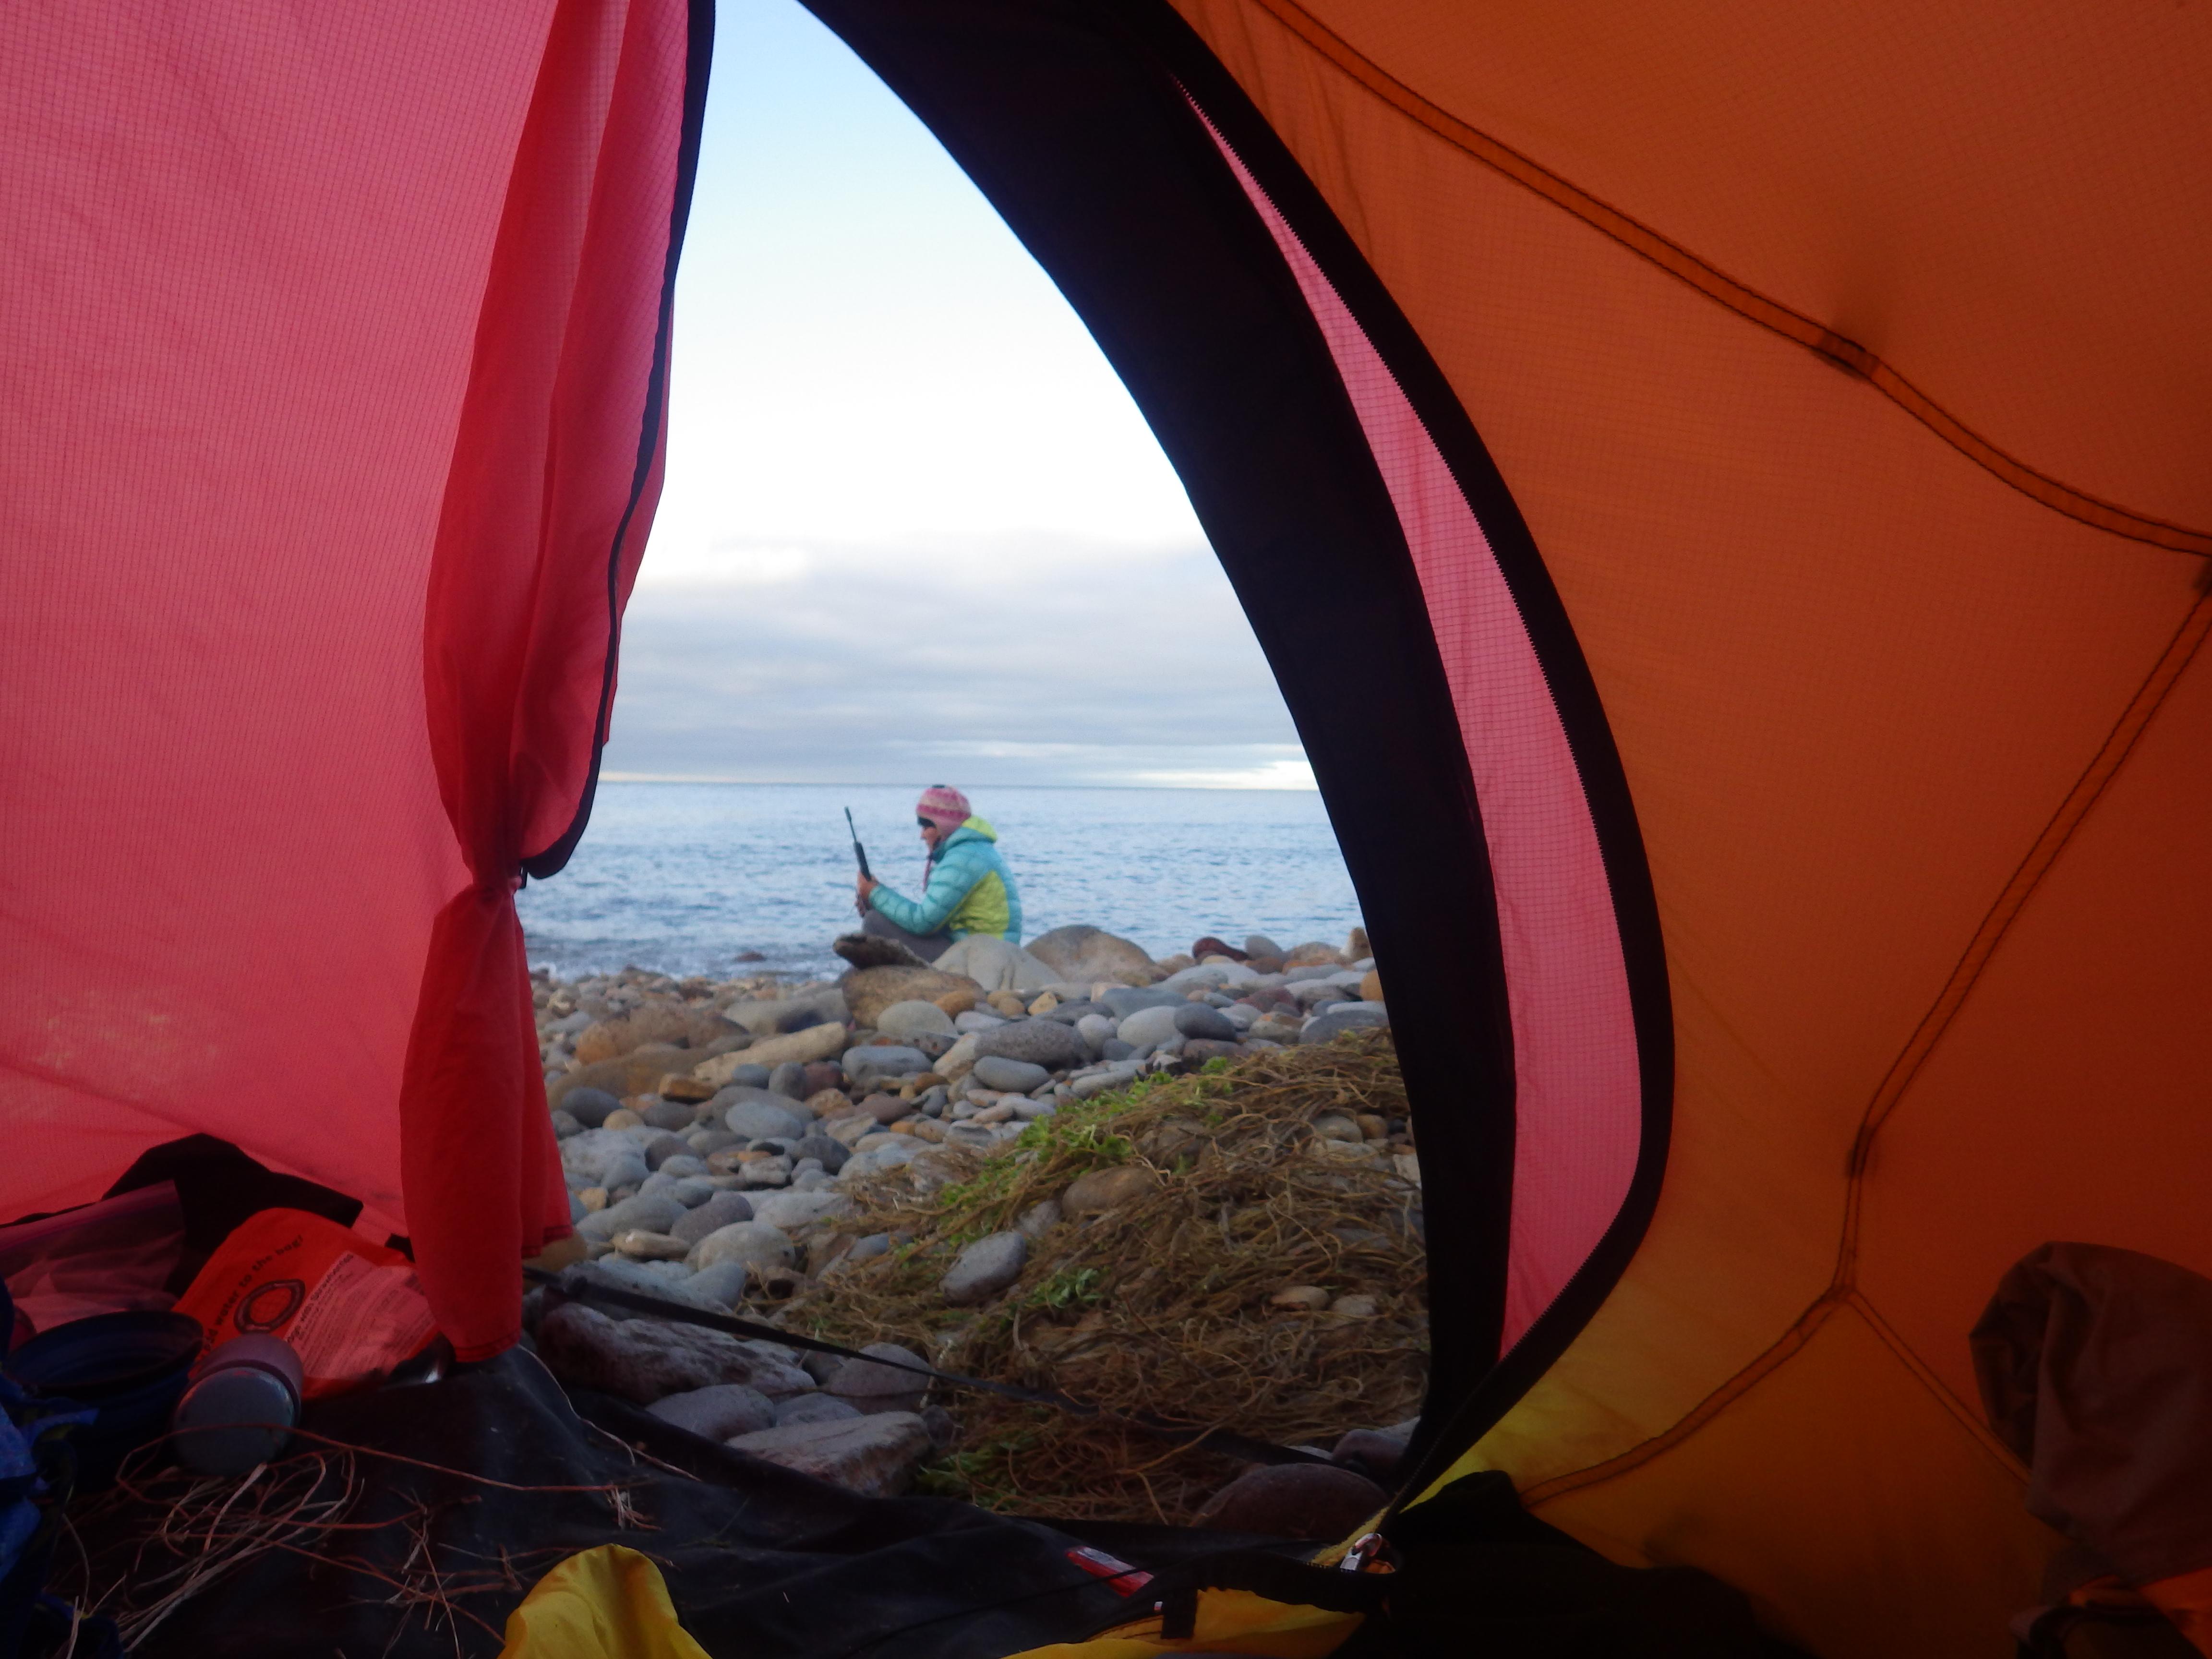 Tent life & Brutal u0026 beautiful   Sarah Outen